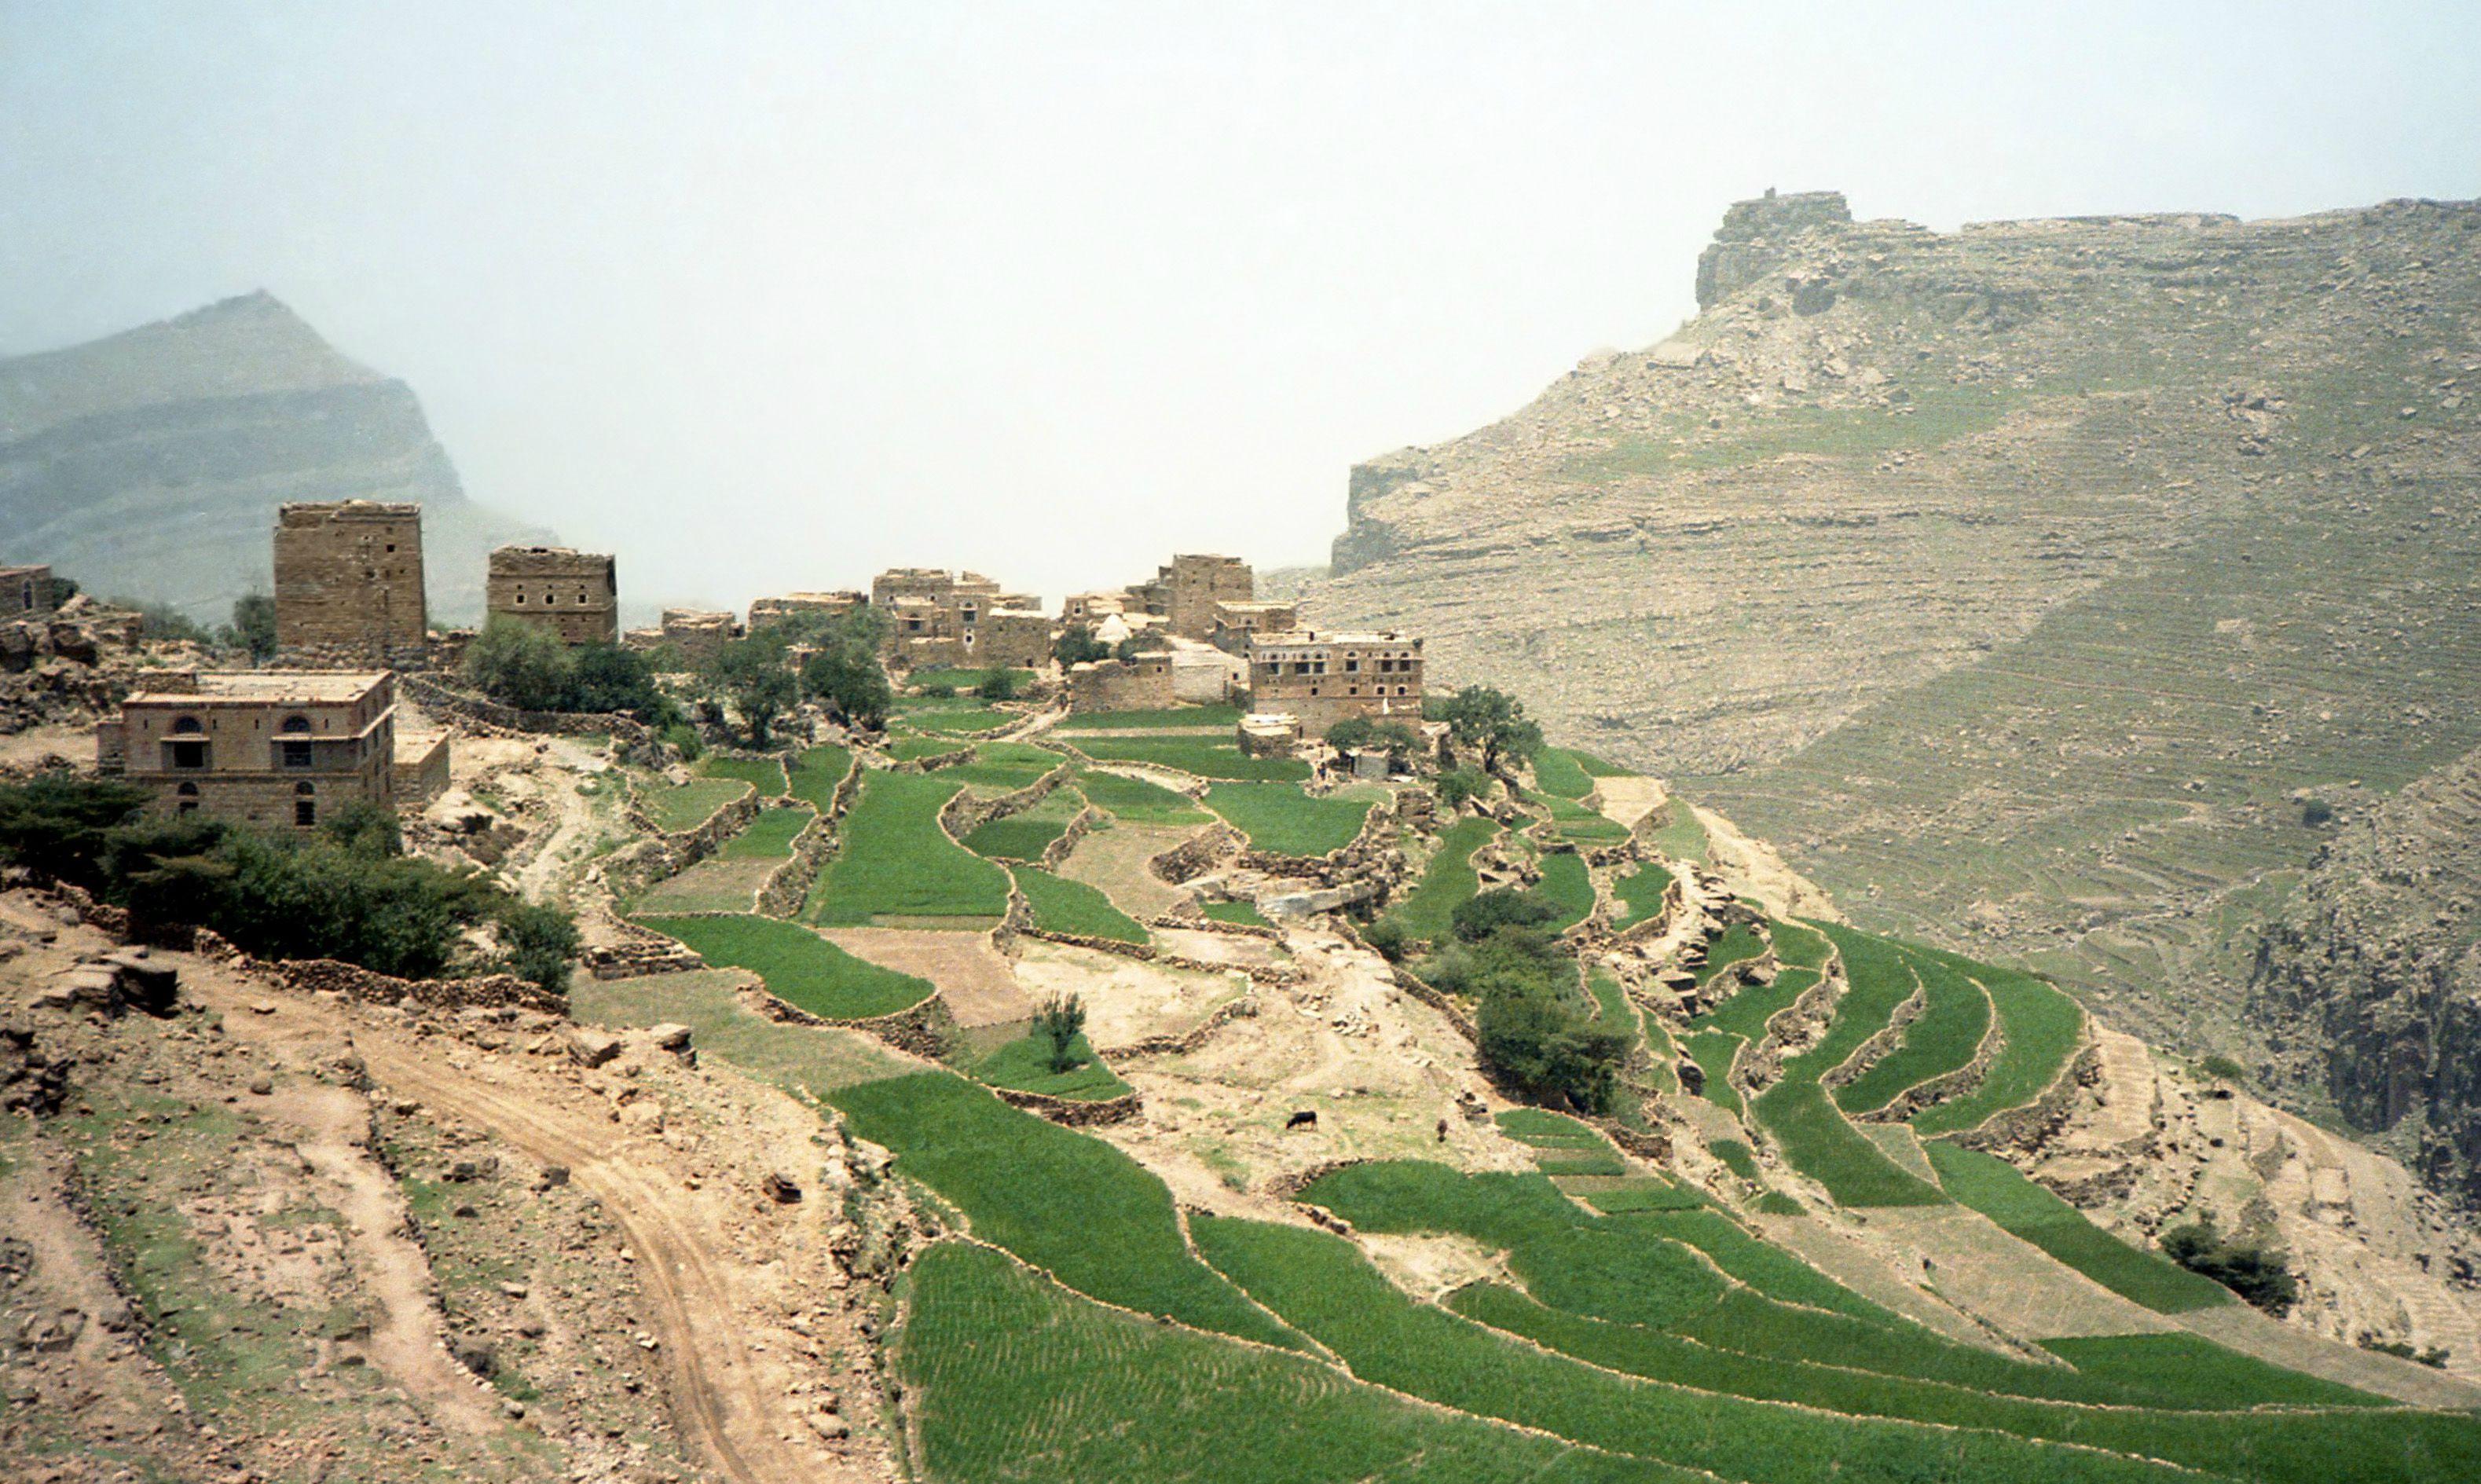 Village-in-Yemen1